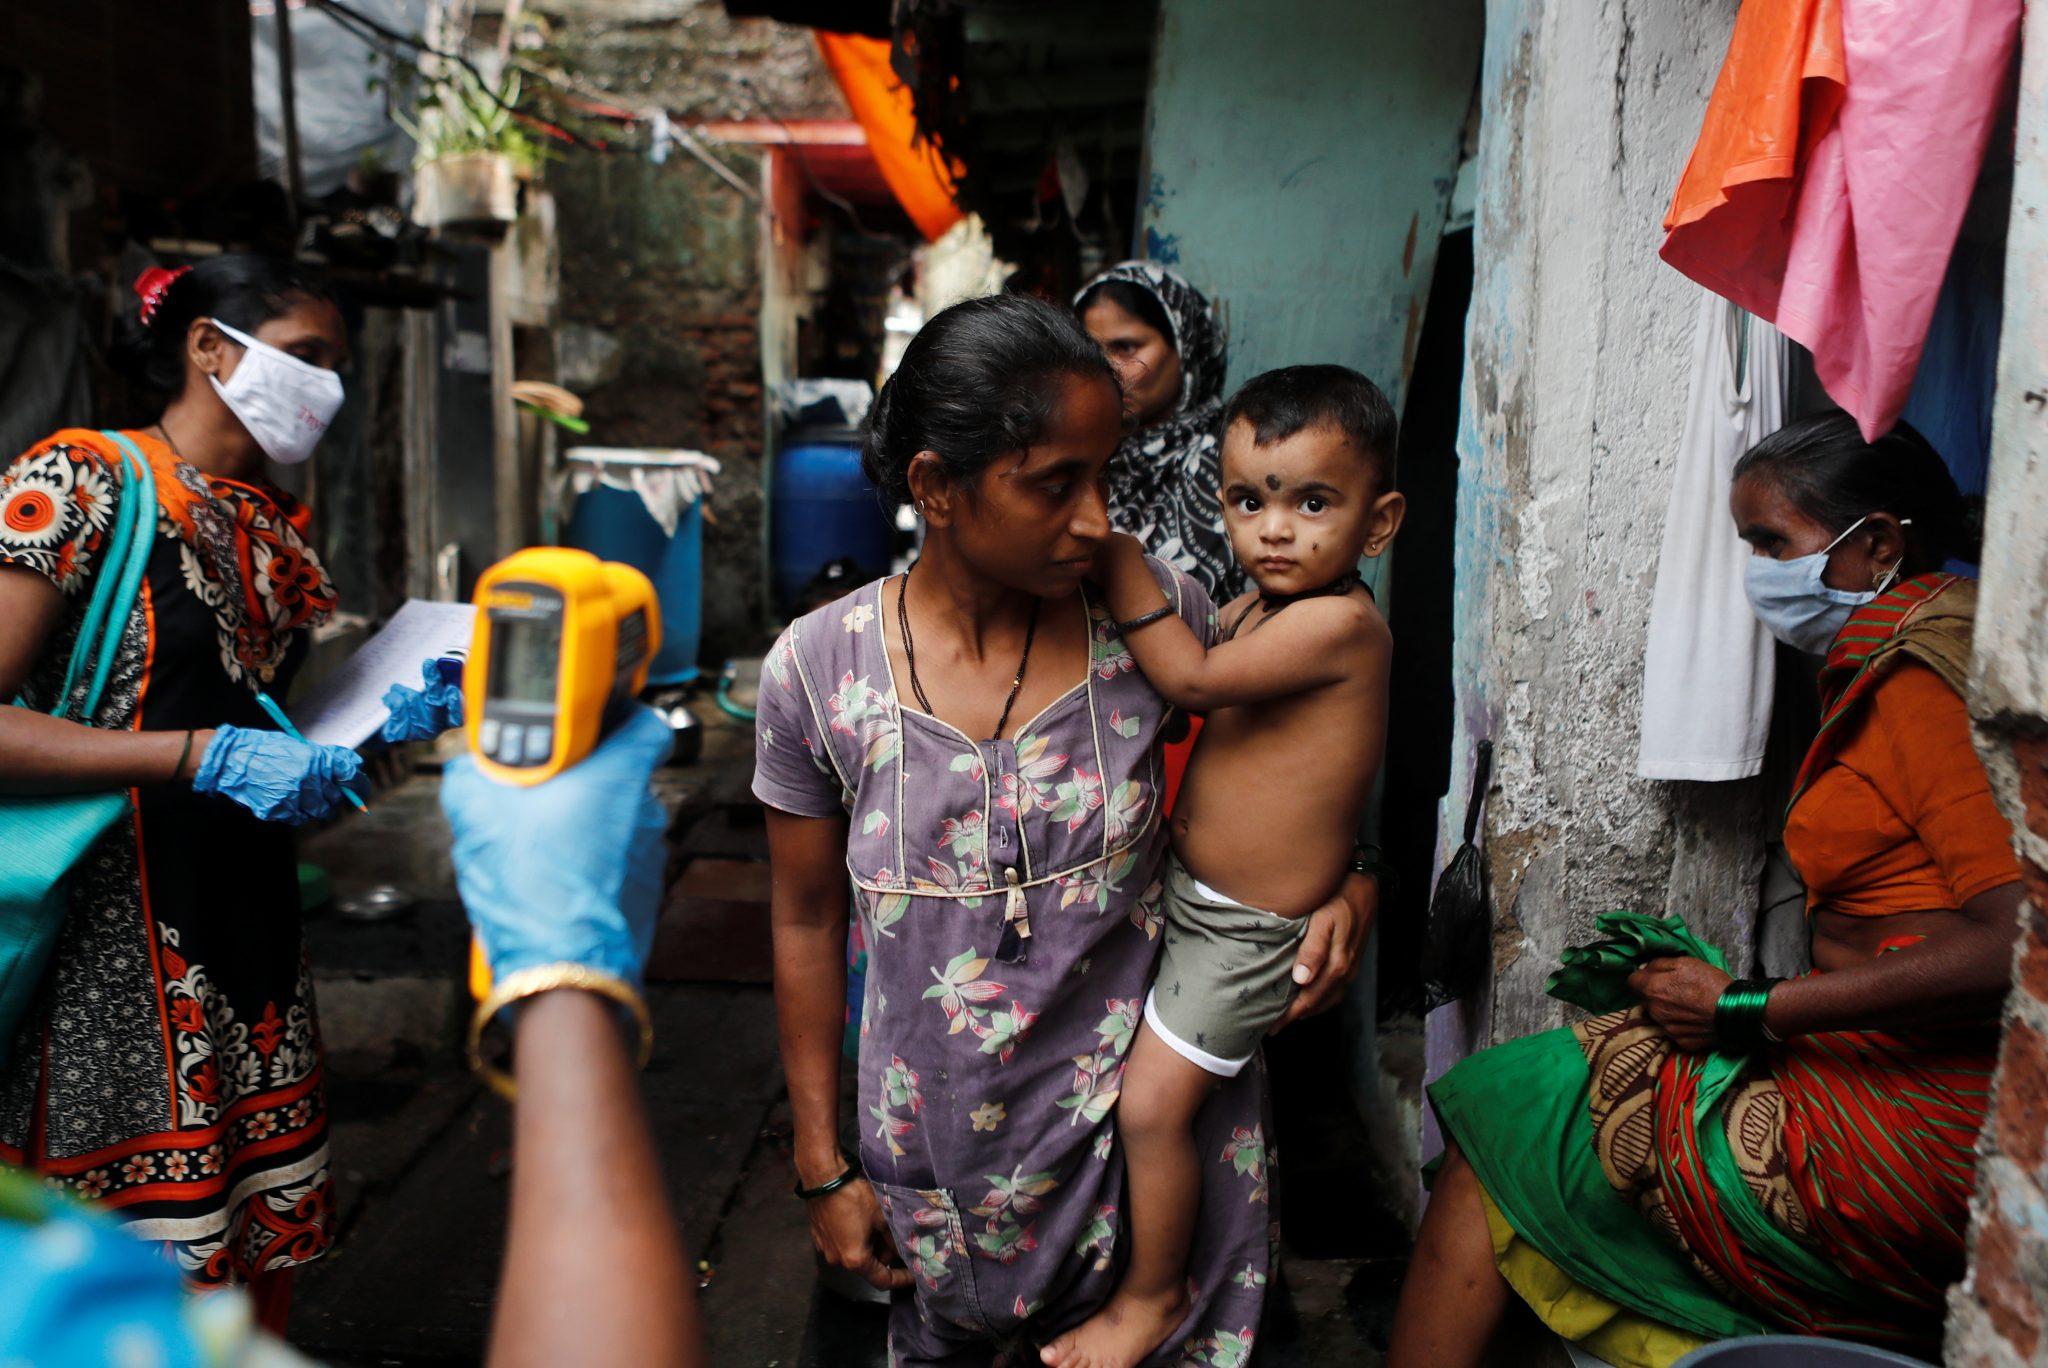 В Индии неизвестный вирус убил 68 человек, 40 из которых дети